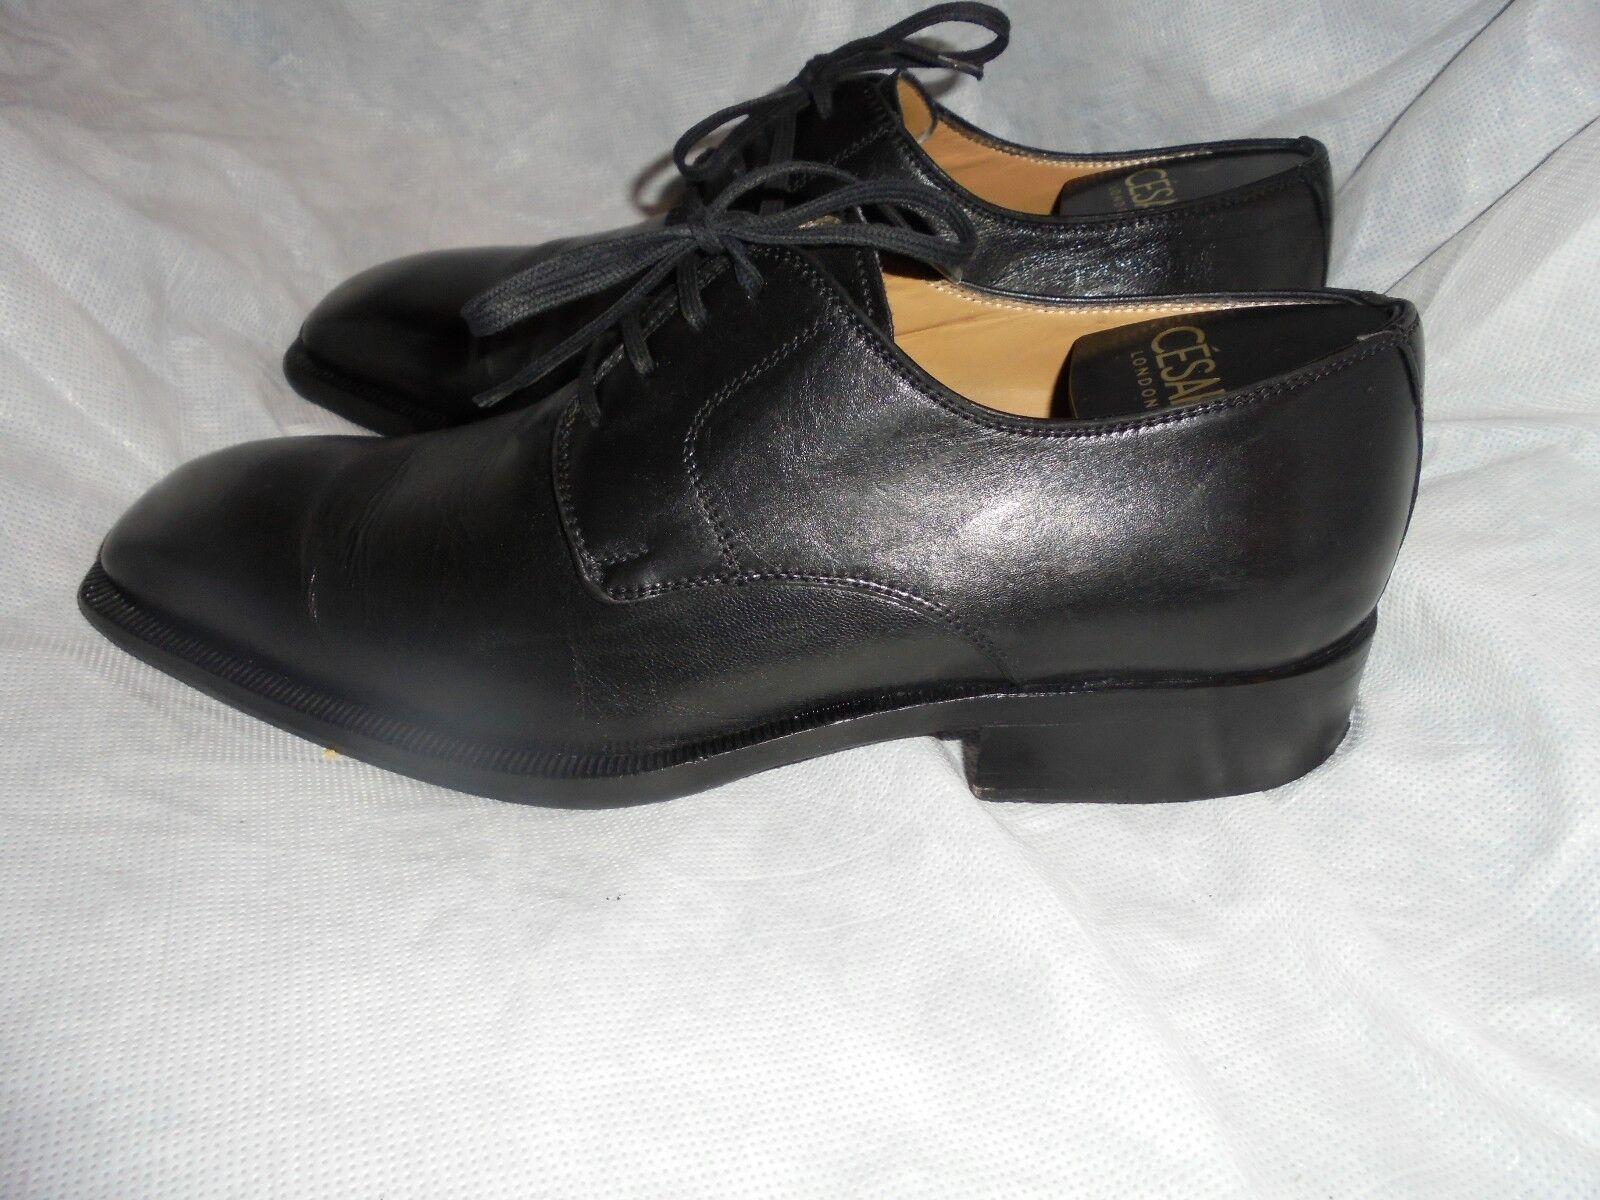 Comité por KARIM Hombre Negro Cuero Con Cordones Zapatos Talla Uk 7 EU 41 en muy buena condición